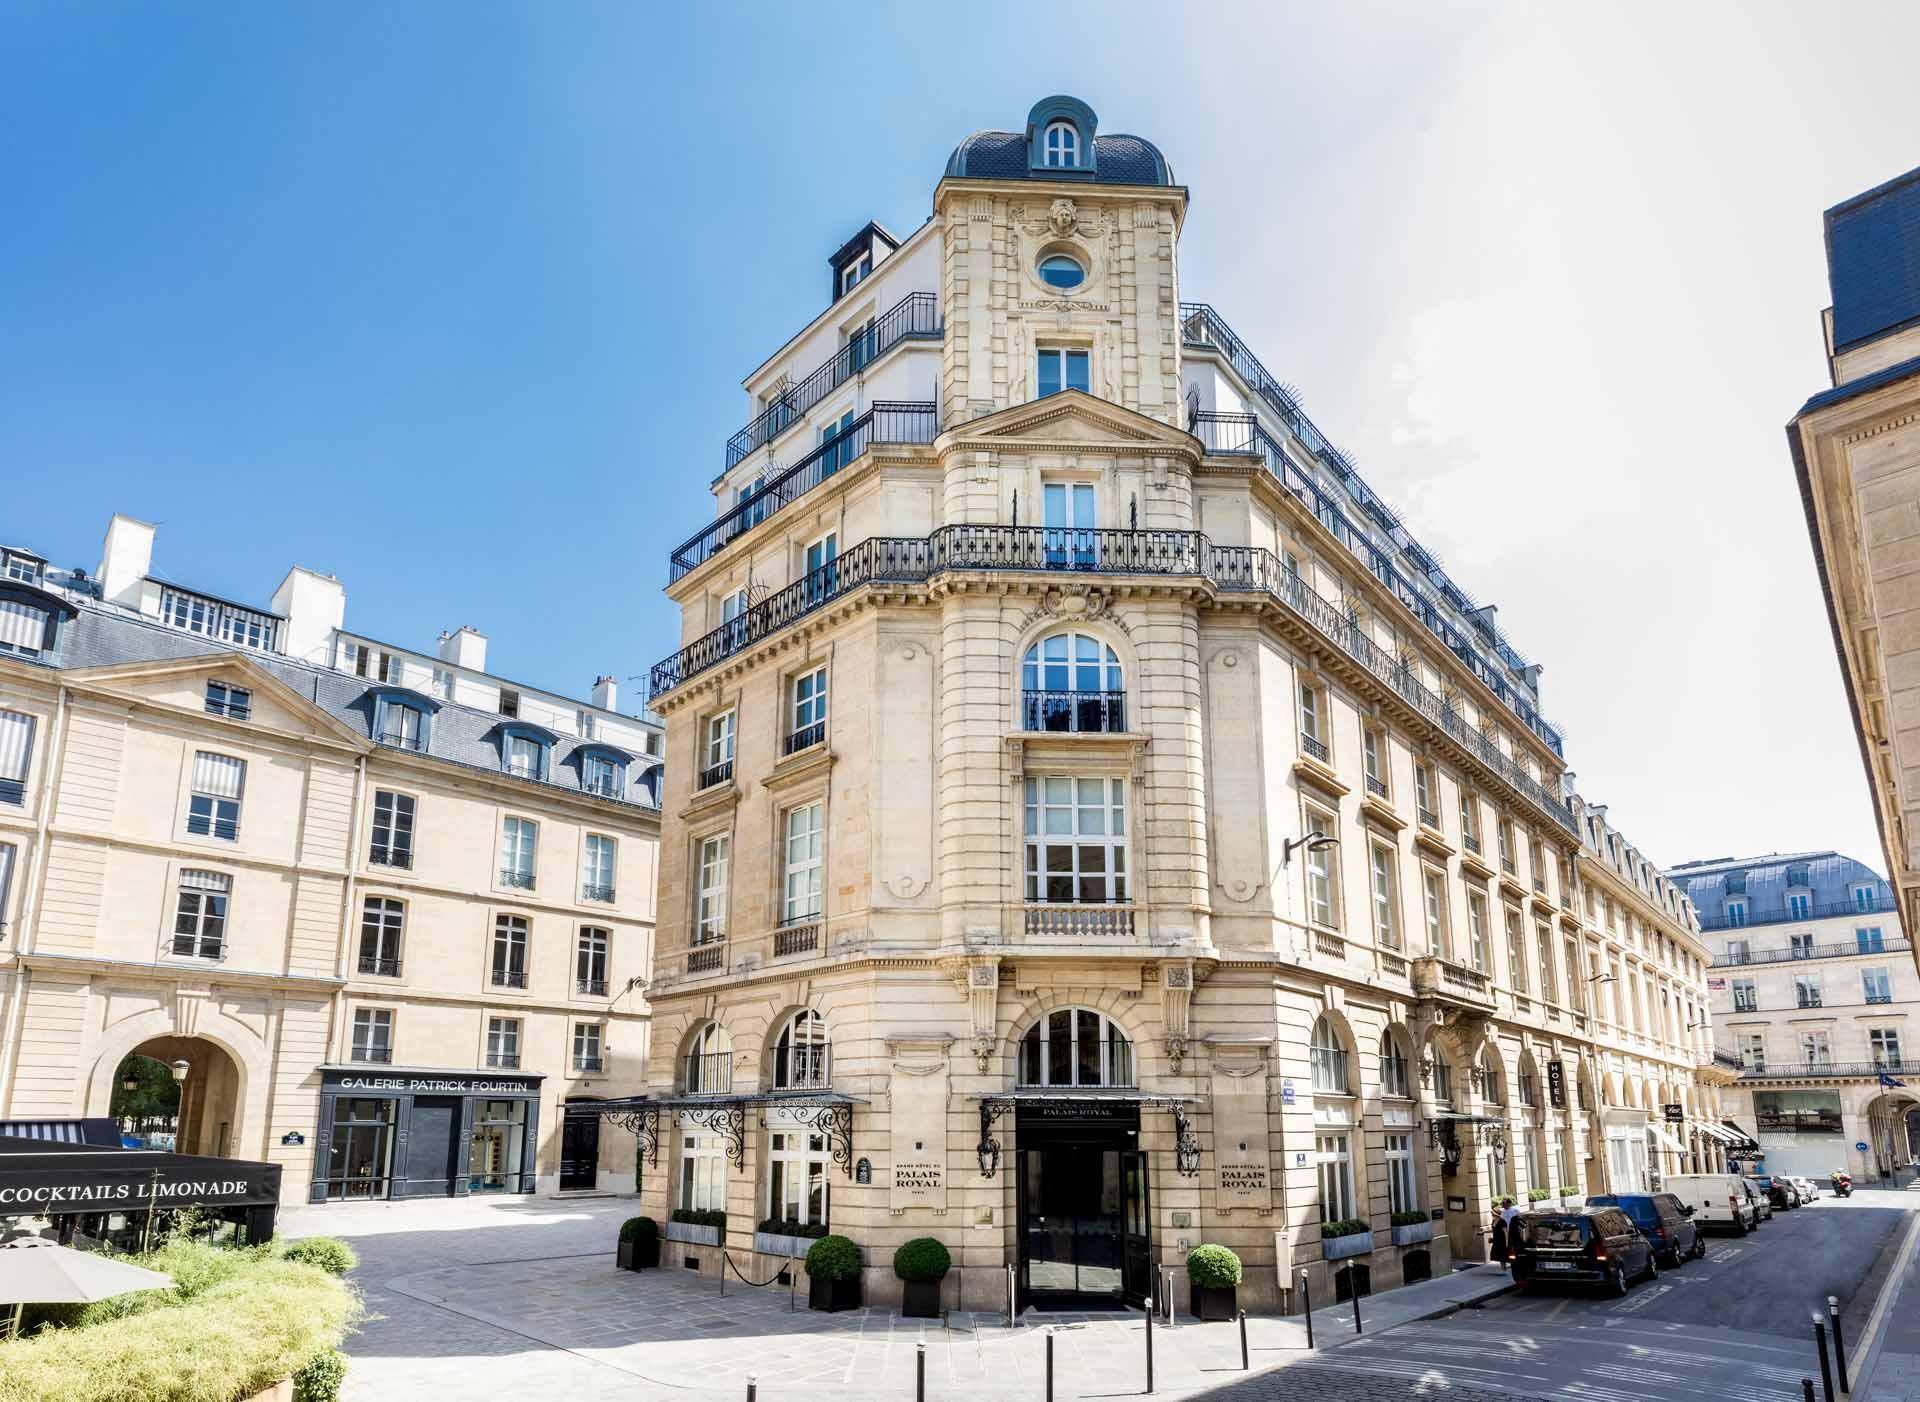 La rue et la place de Valois avec le Grand Hôtel du Palais Royal © DR